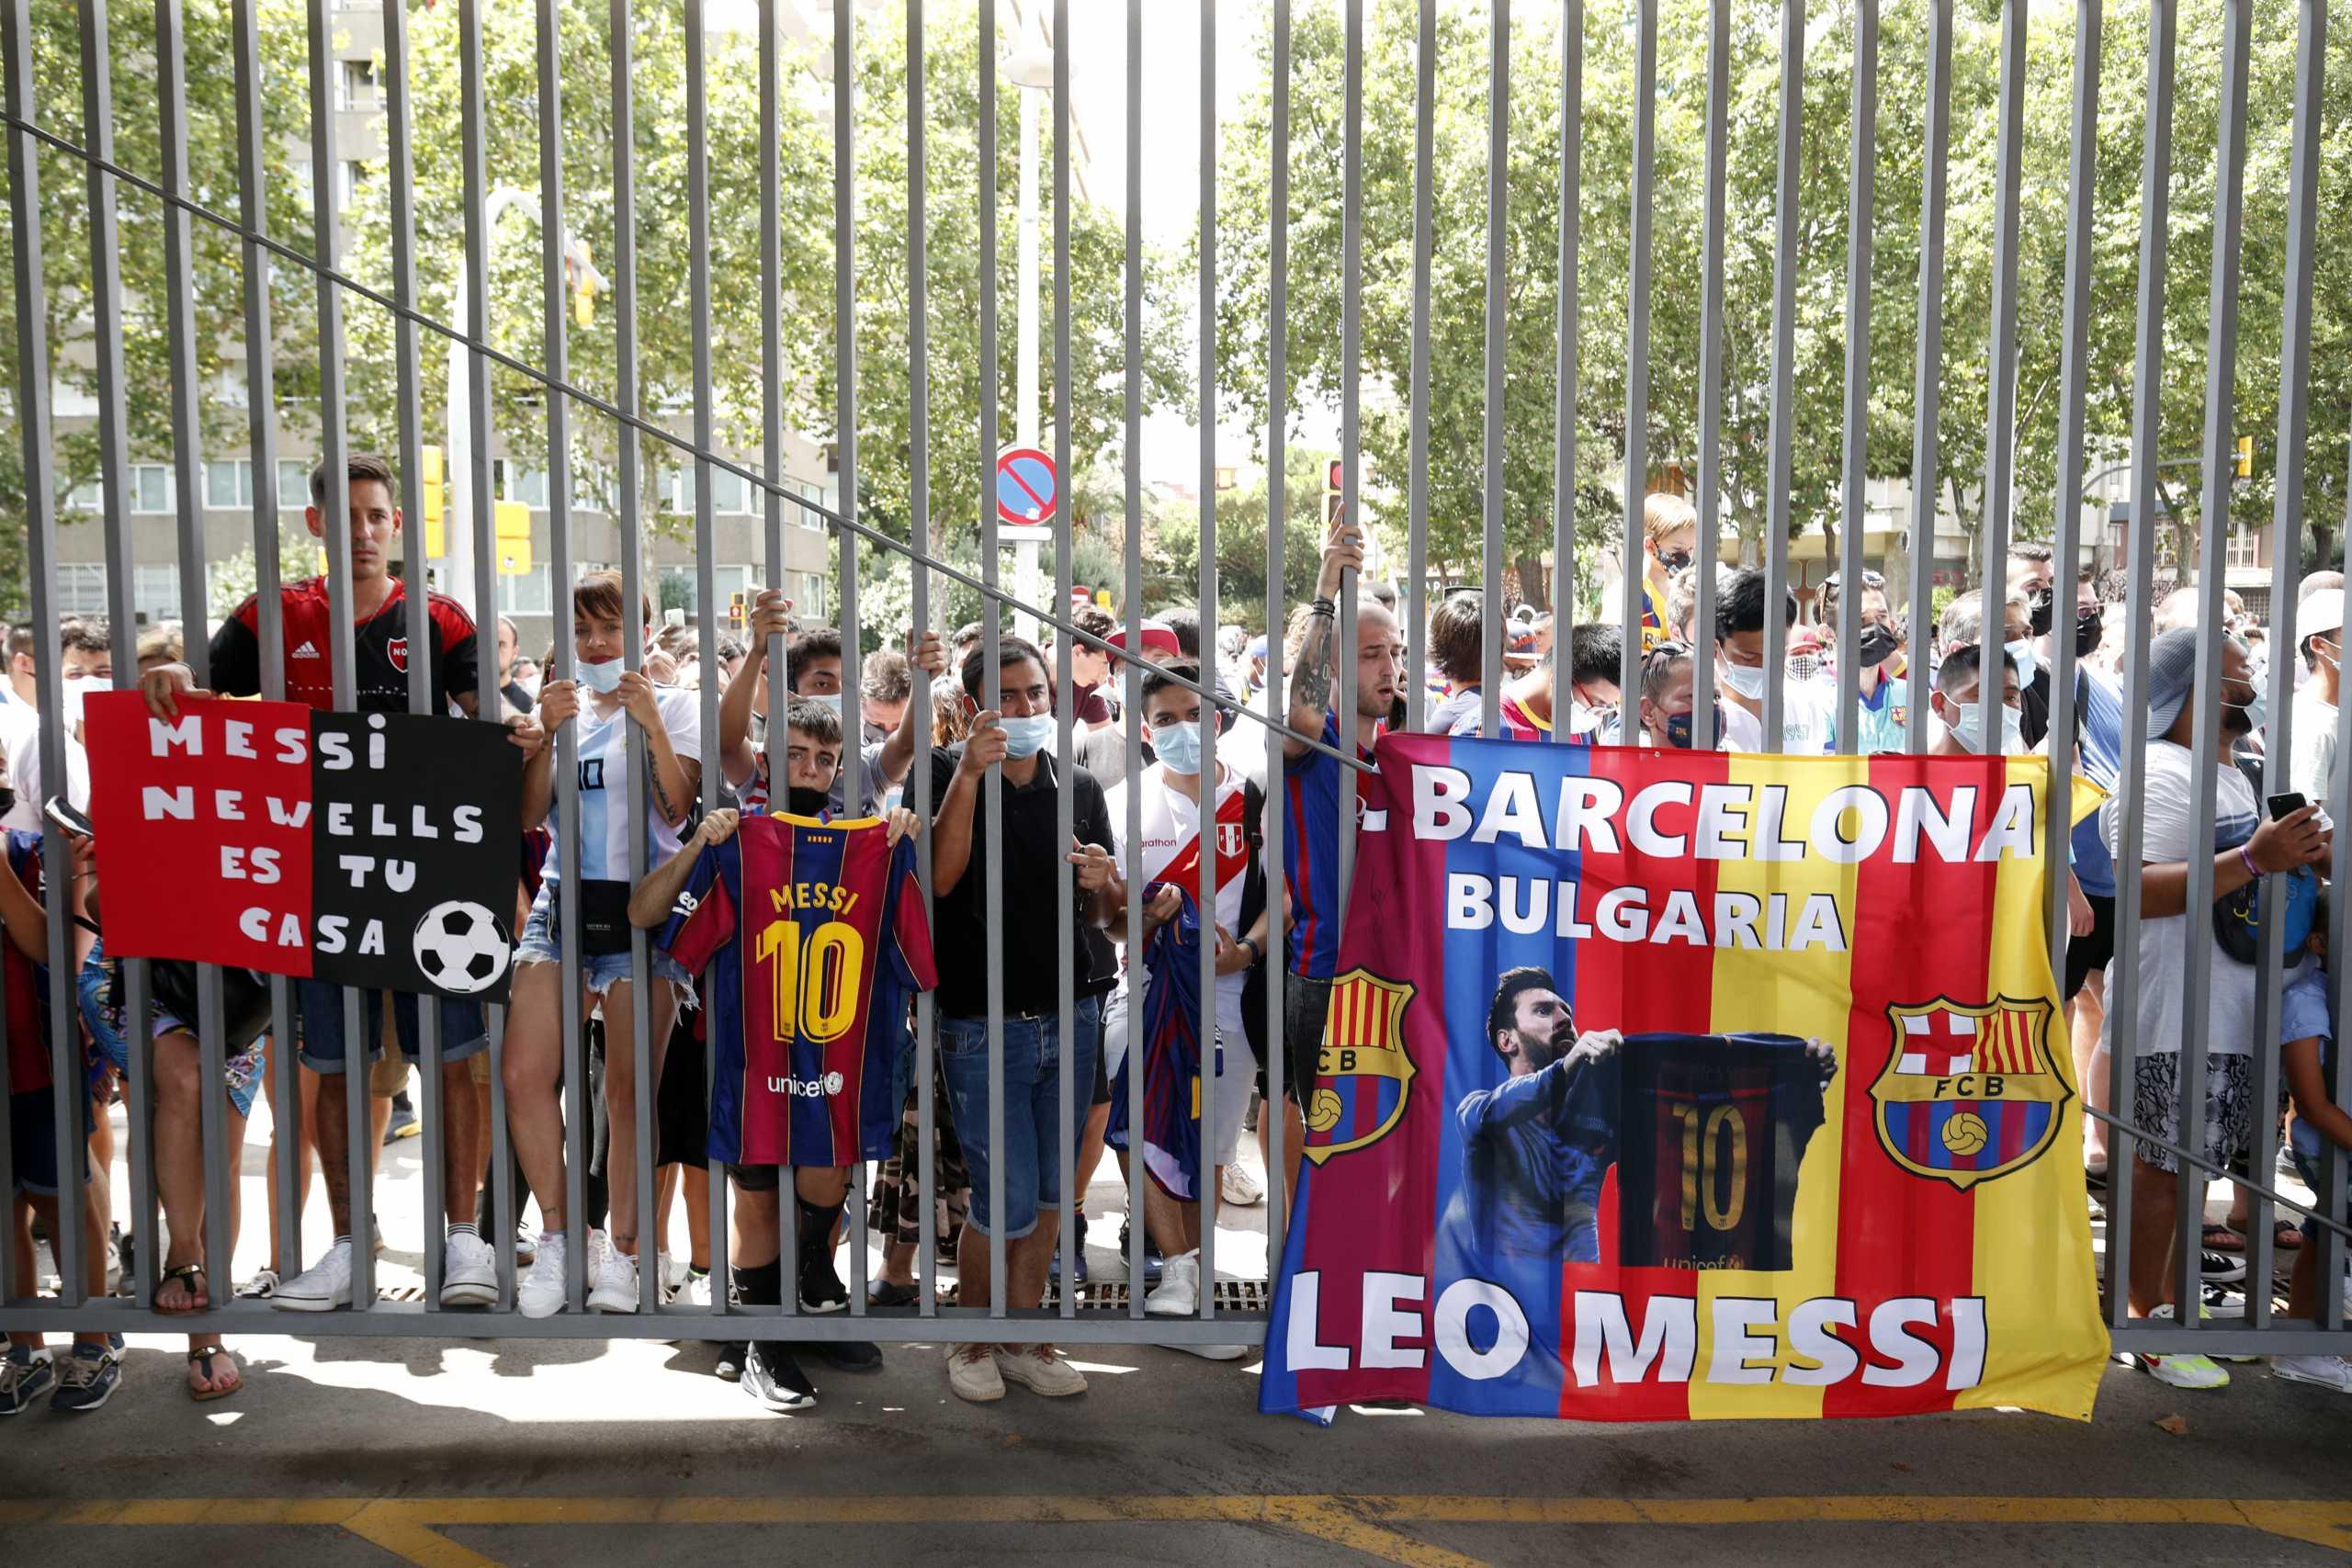 Μπαρτσελόνα: «Κράξιμο» οπαδών στον Λαπόρτα – «Φερέφωνο της Ρεάλ, εσύ διακοπές κι ο Μέσι στο Παρίσι»